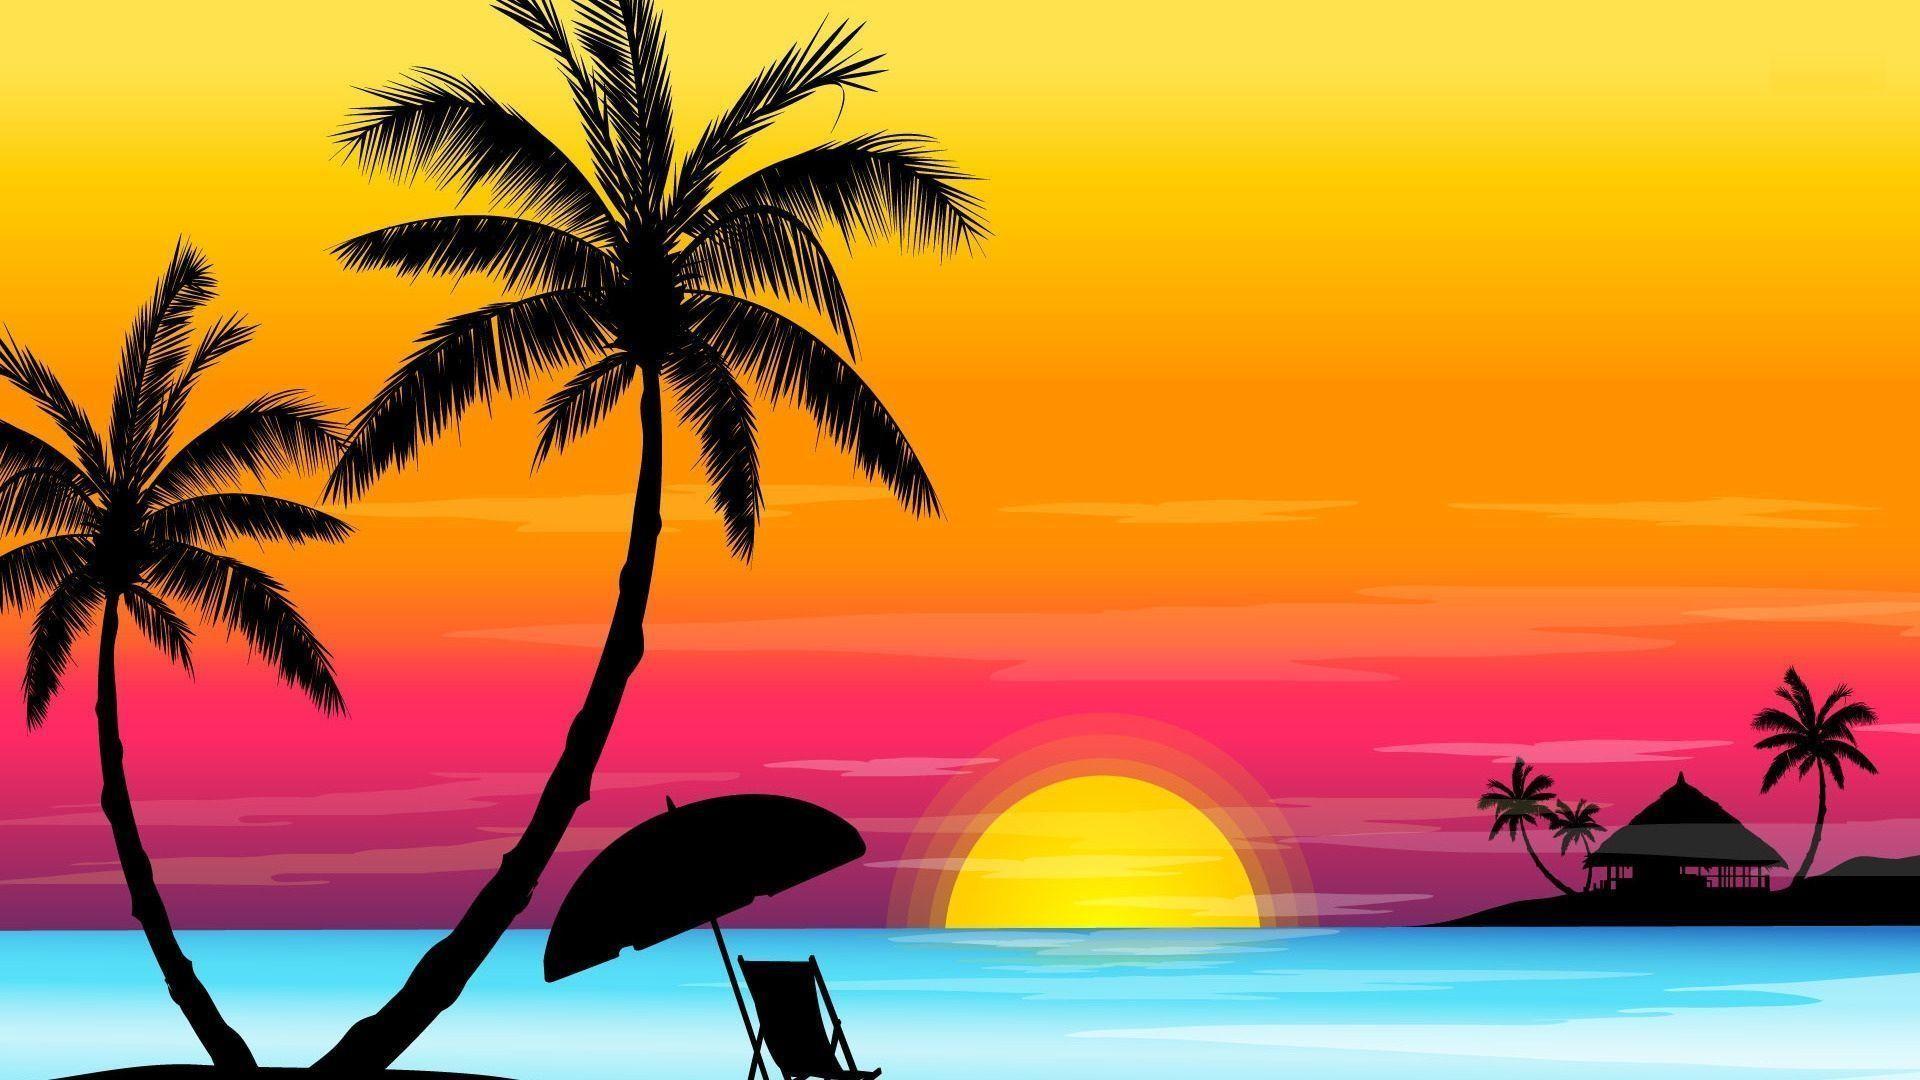 FunMozar – 3d High Resolution Widescreen Beach Wallpapers